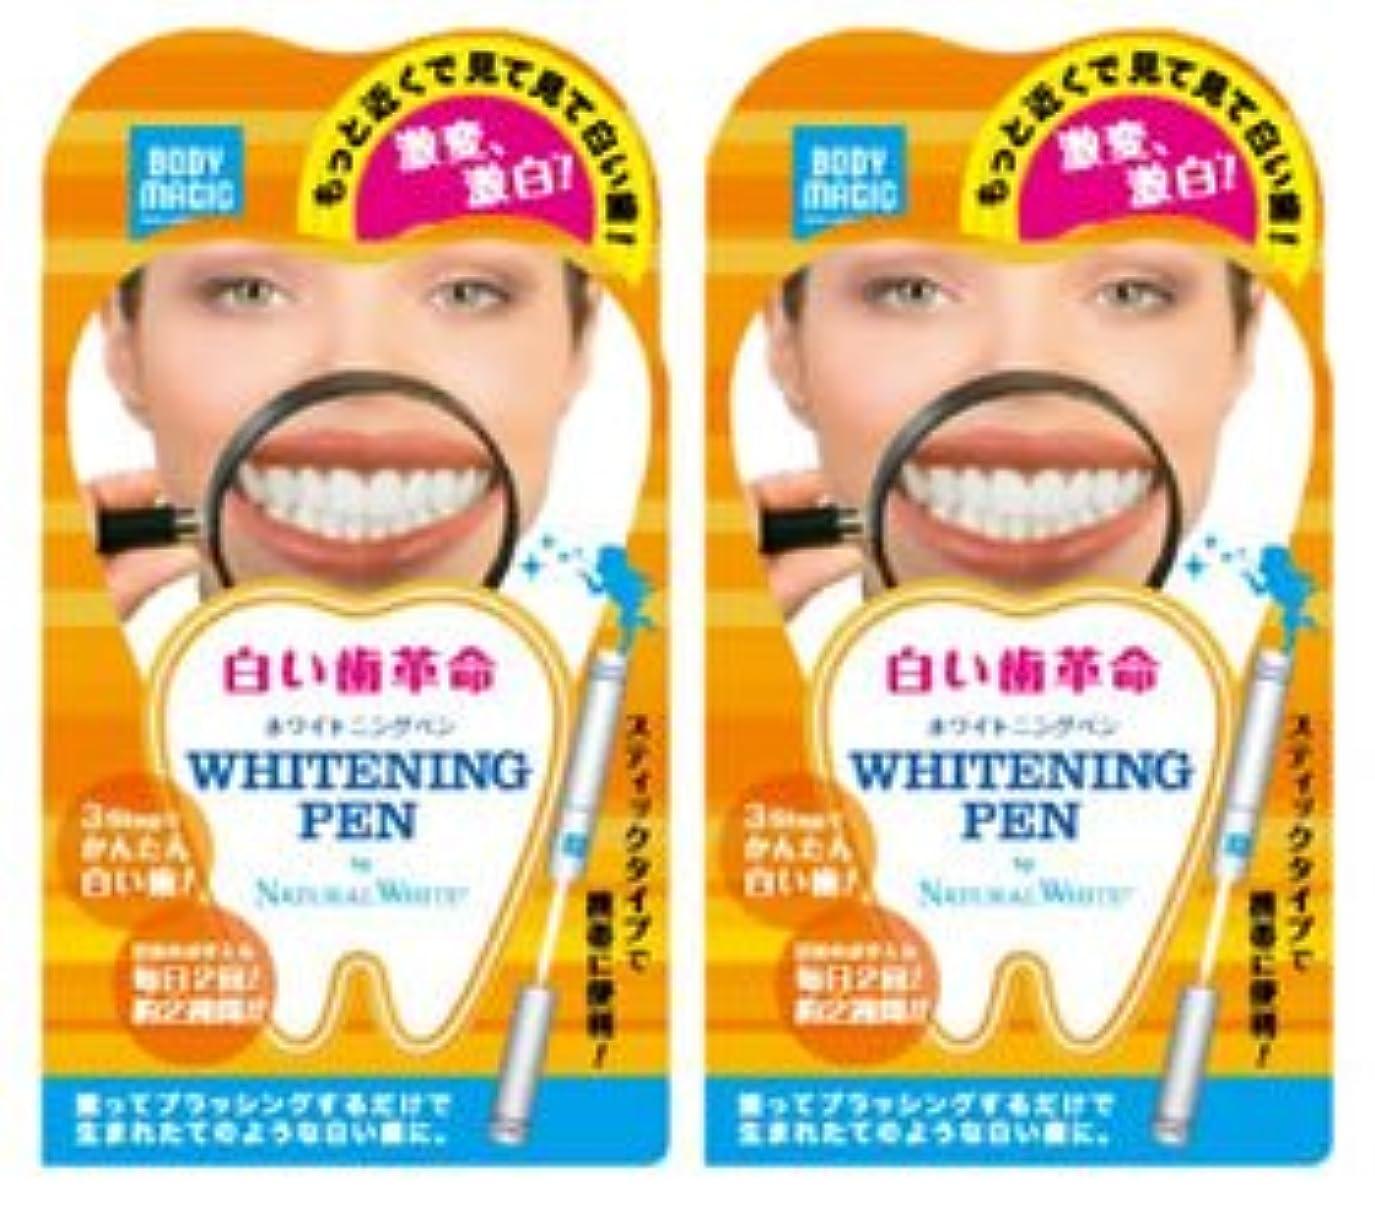 宇宙の可能性呼ぶ《セット販売》 ナチュラルホワイト ボディマジック ホワイトニングペン 2個セット 【白い歯革命】 ラピッドホワイトBスティック 【ジェルハミガキ】